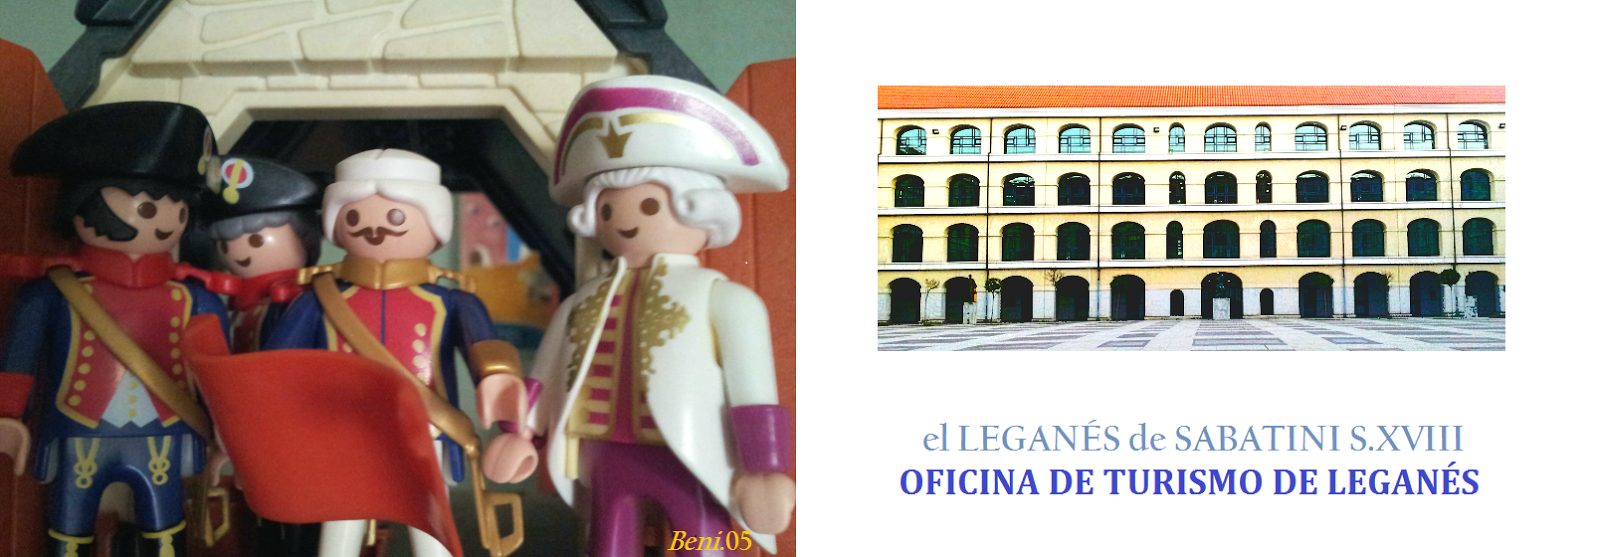 Oficina de turismo de legan s en construcci n for Oficina correos leganes